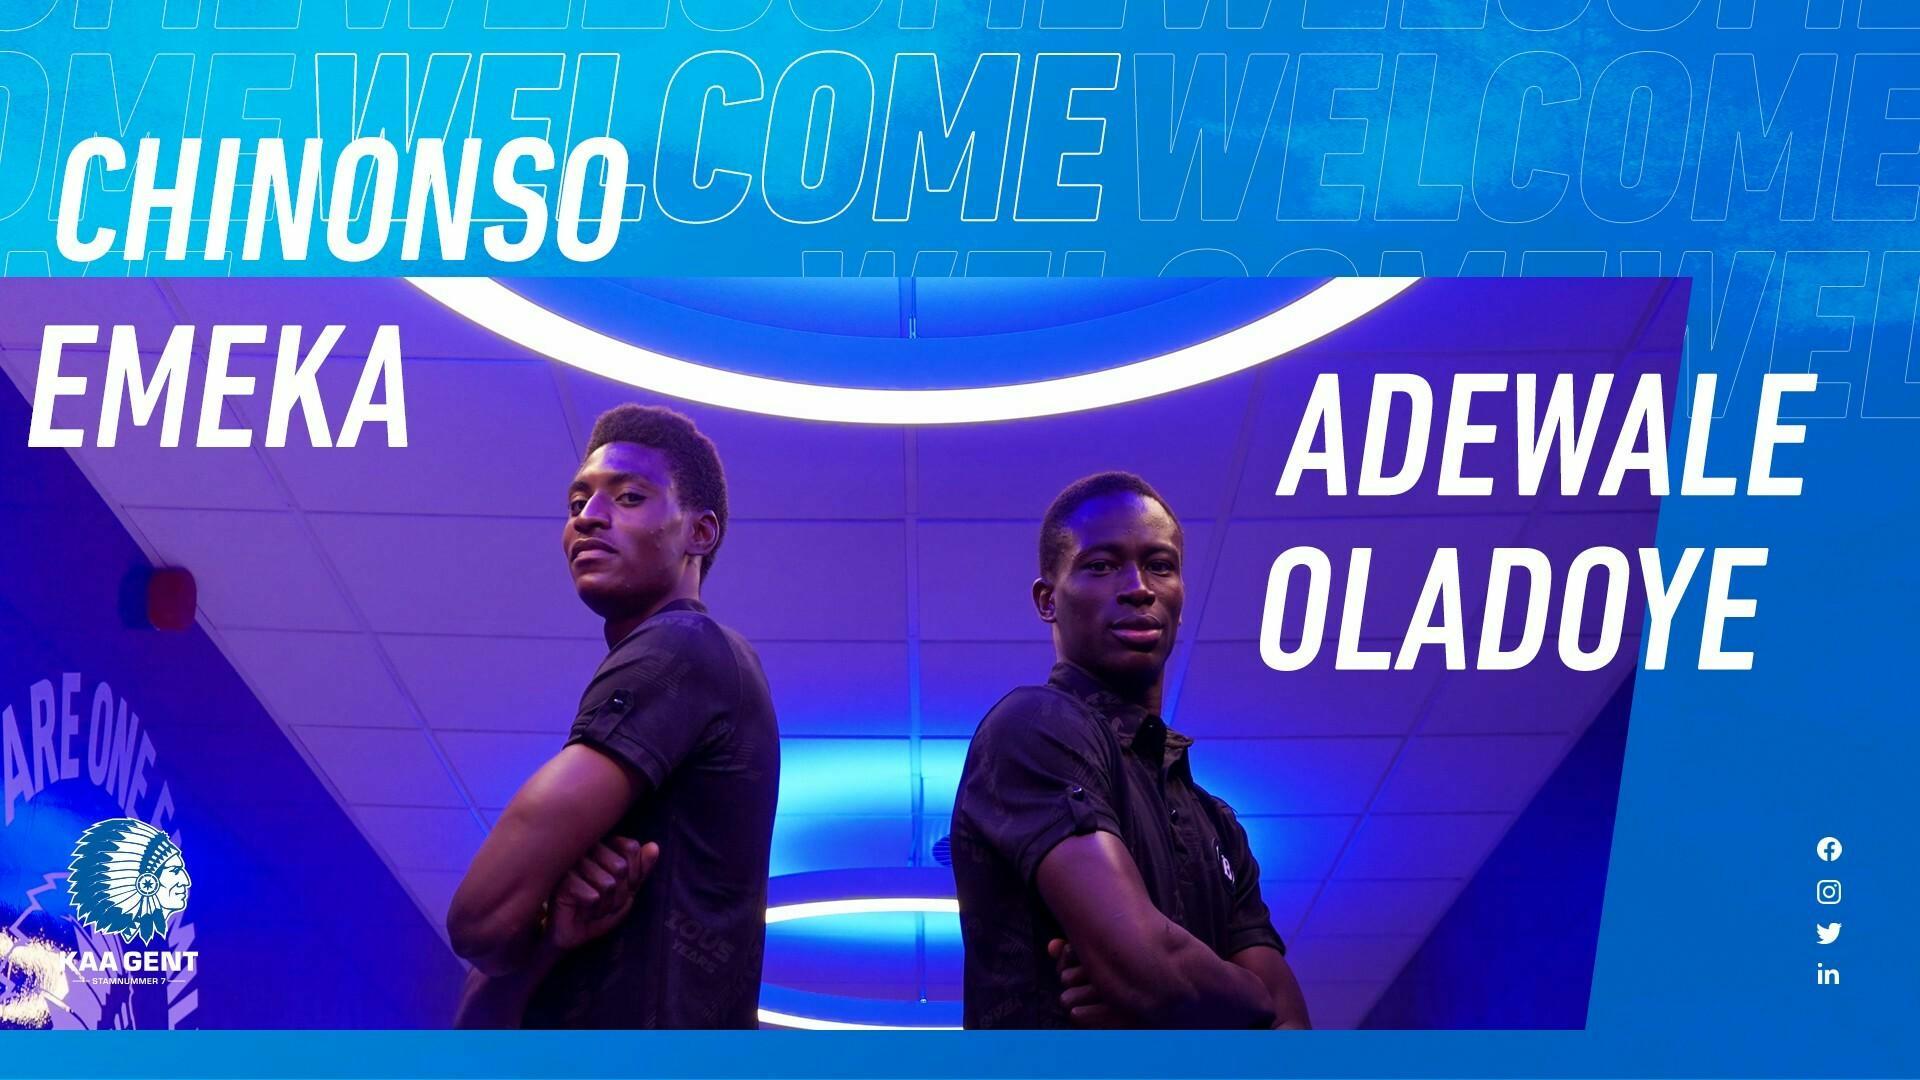 Welkom Oladoye en Emeka